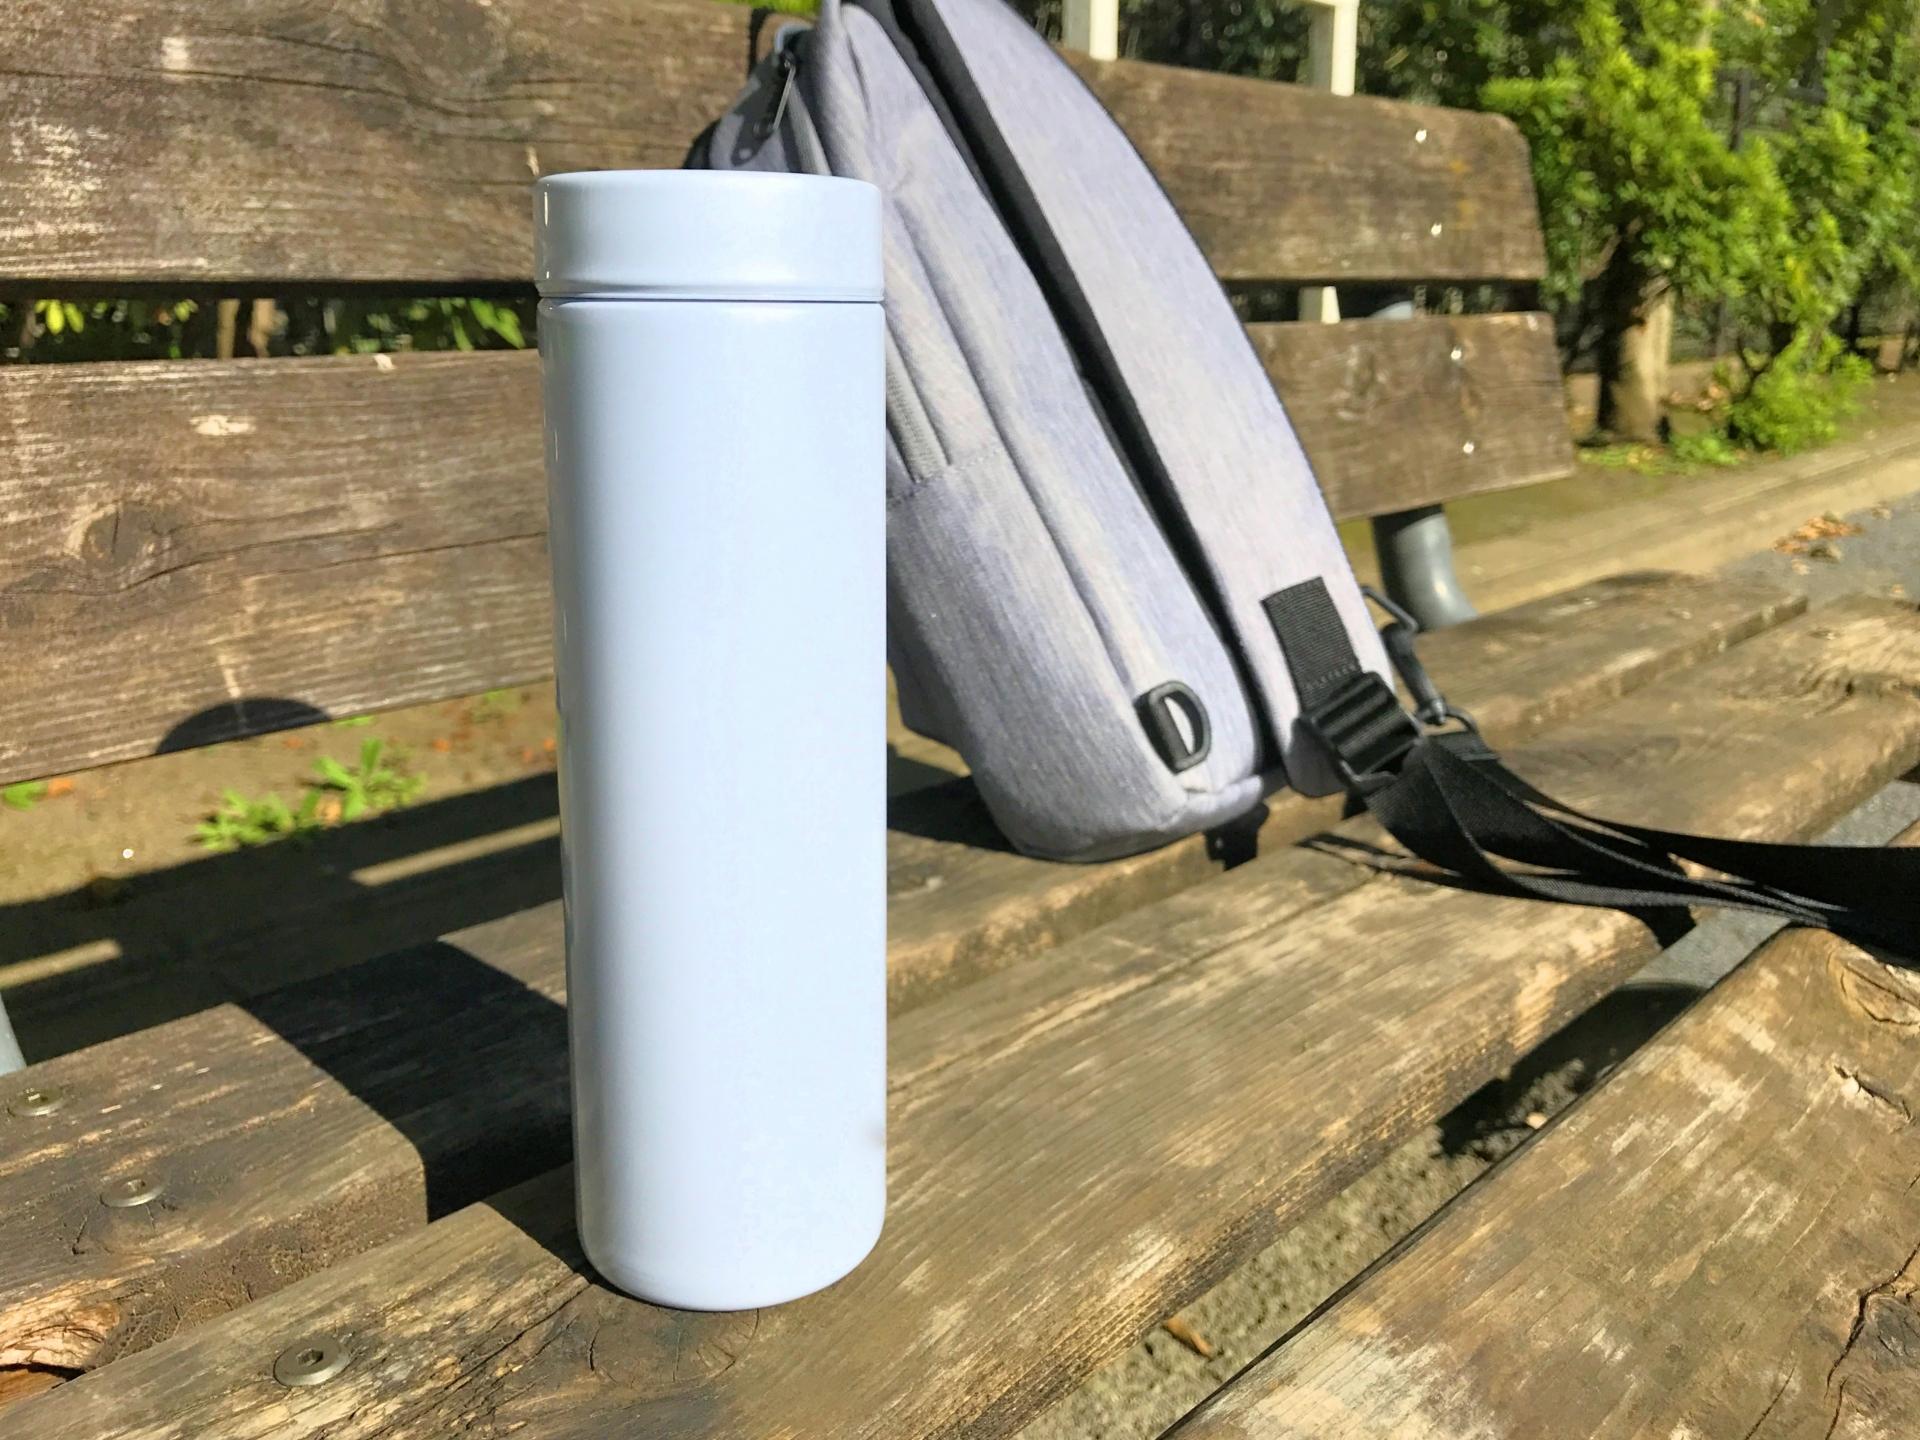 【費用削減】ペットボトルから水筒への変更で月3,000円の節約をしてみませんか。